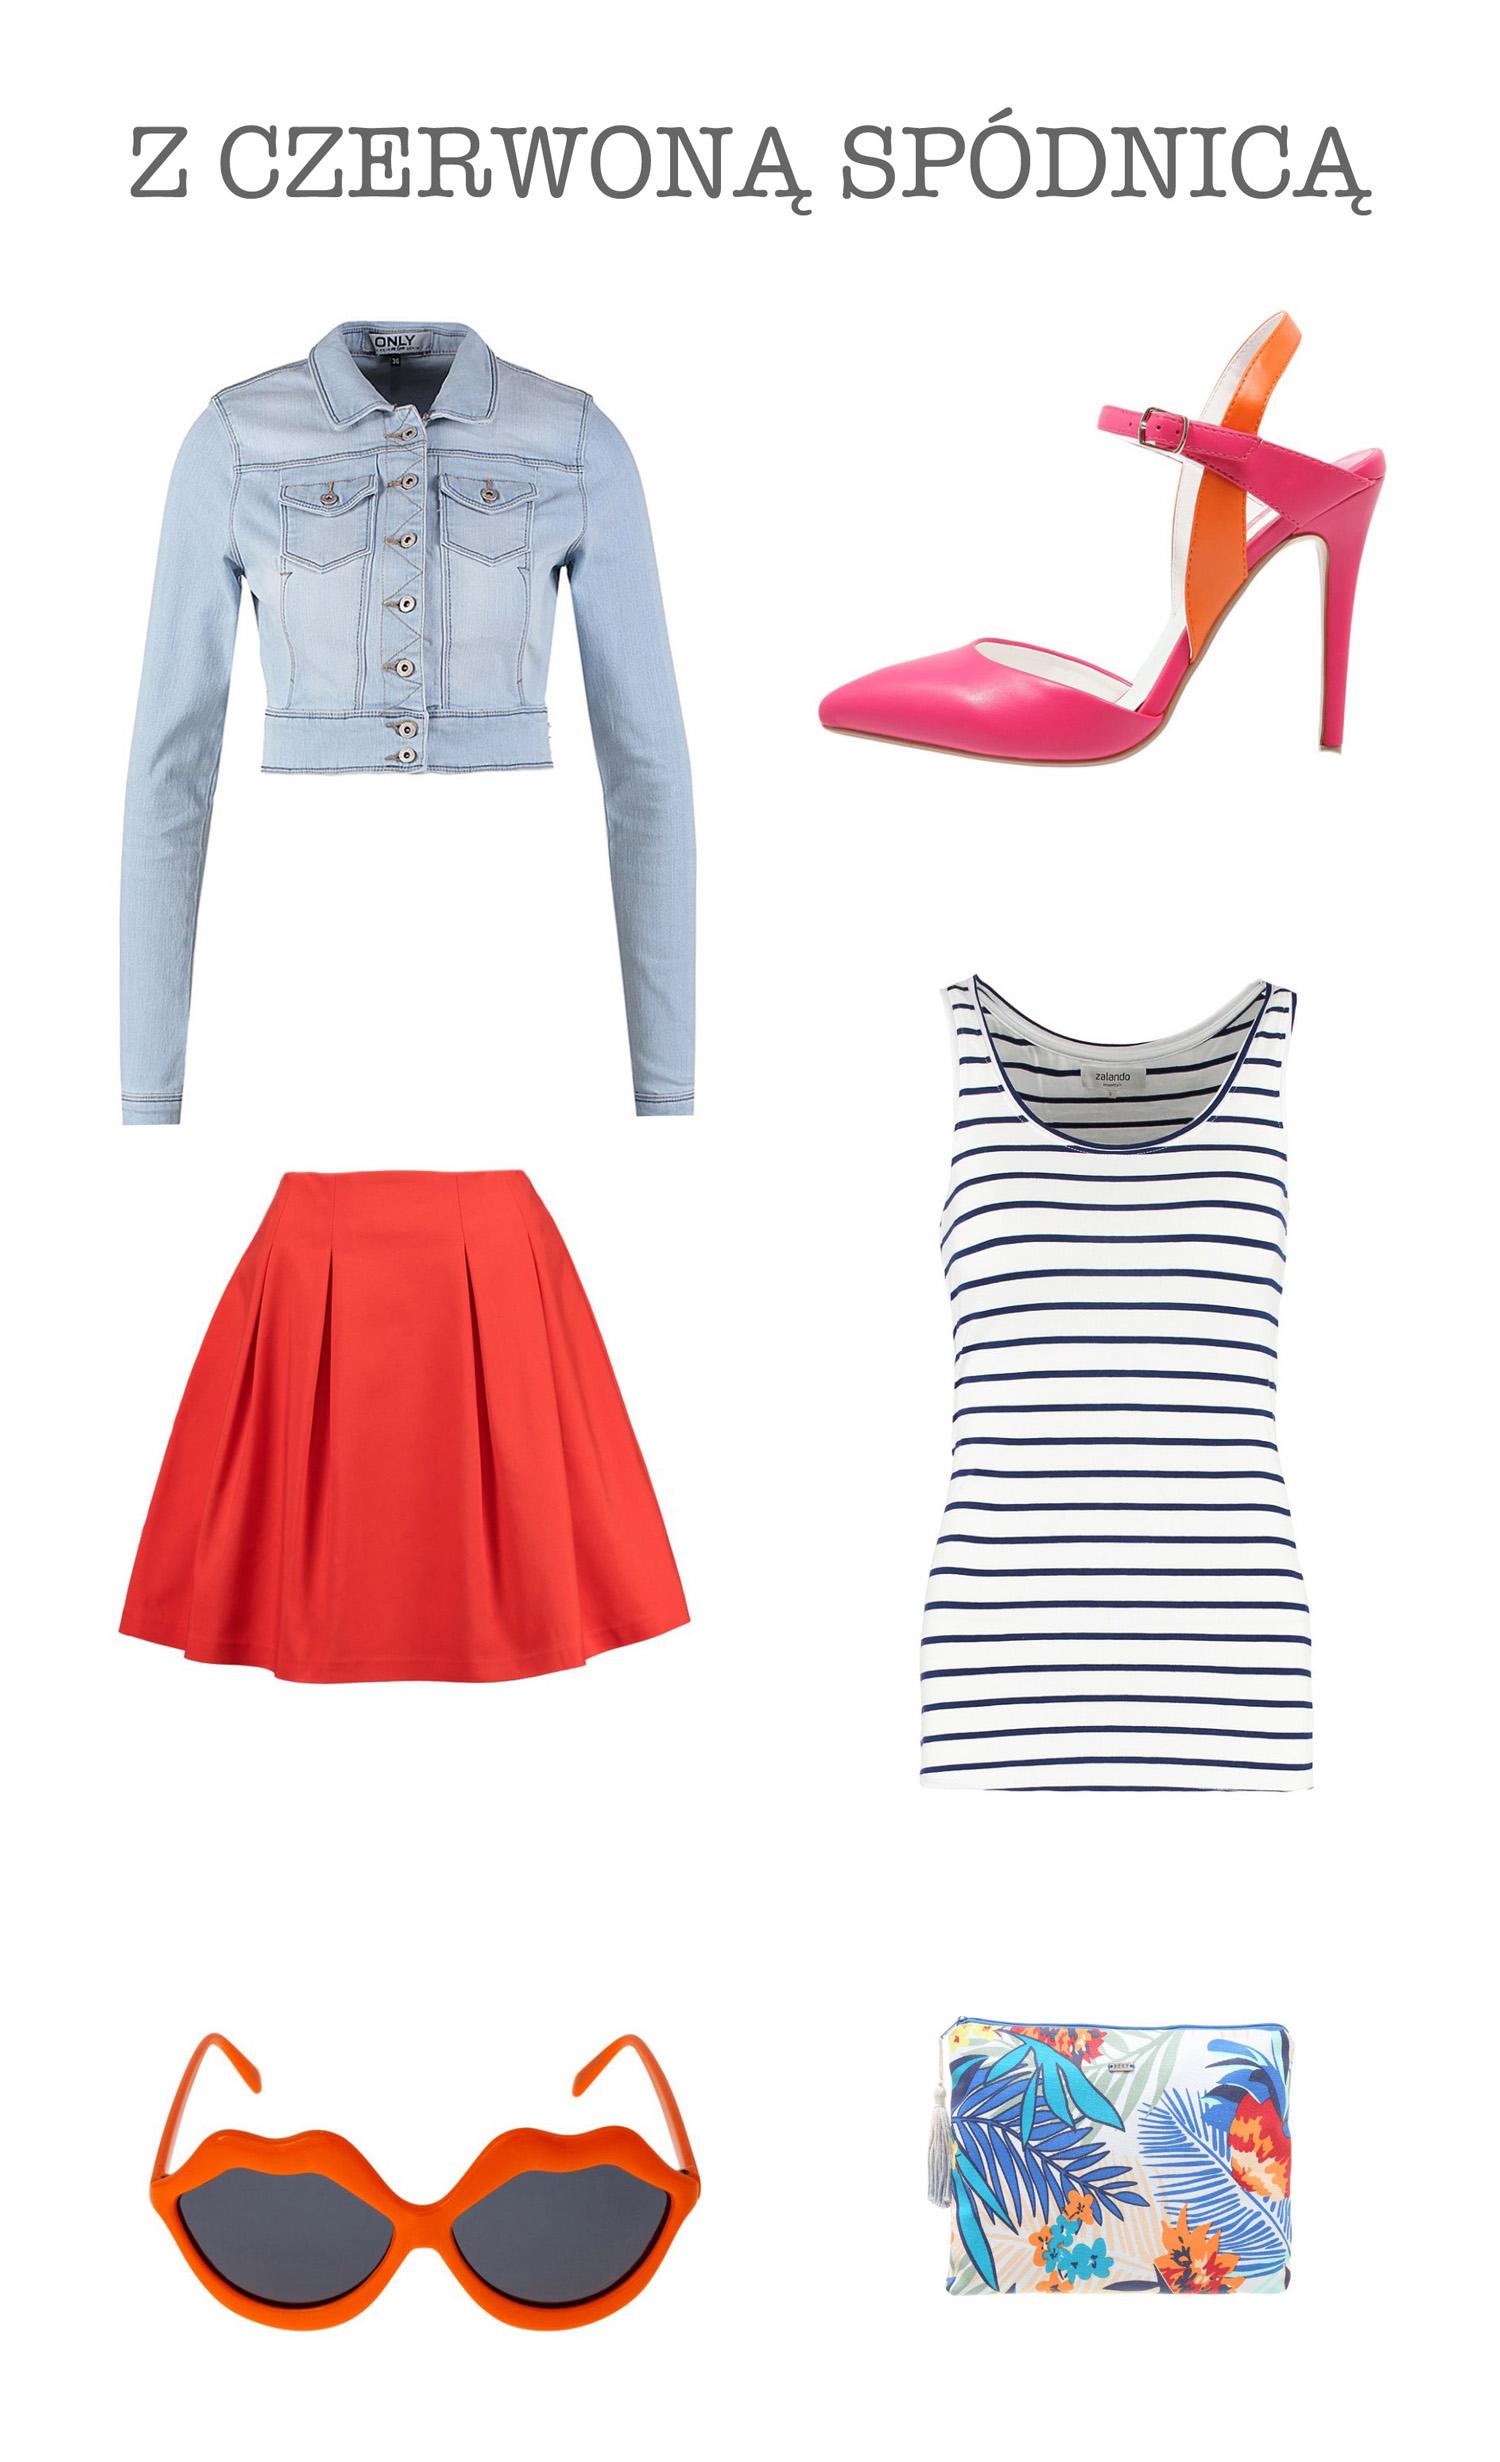 1-wiosenna-stylizacja-z-czerwona-spodnica